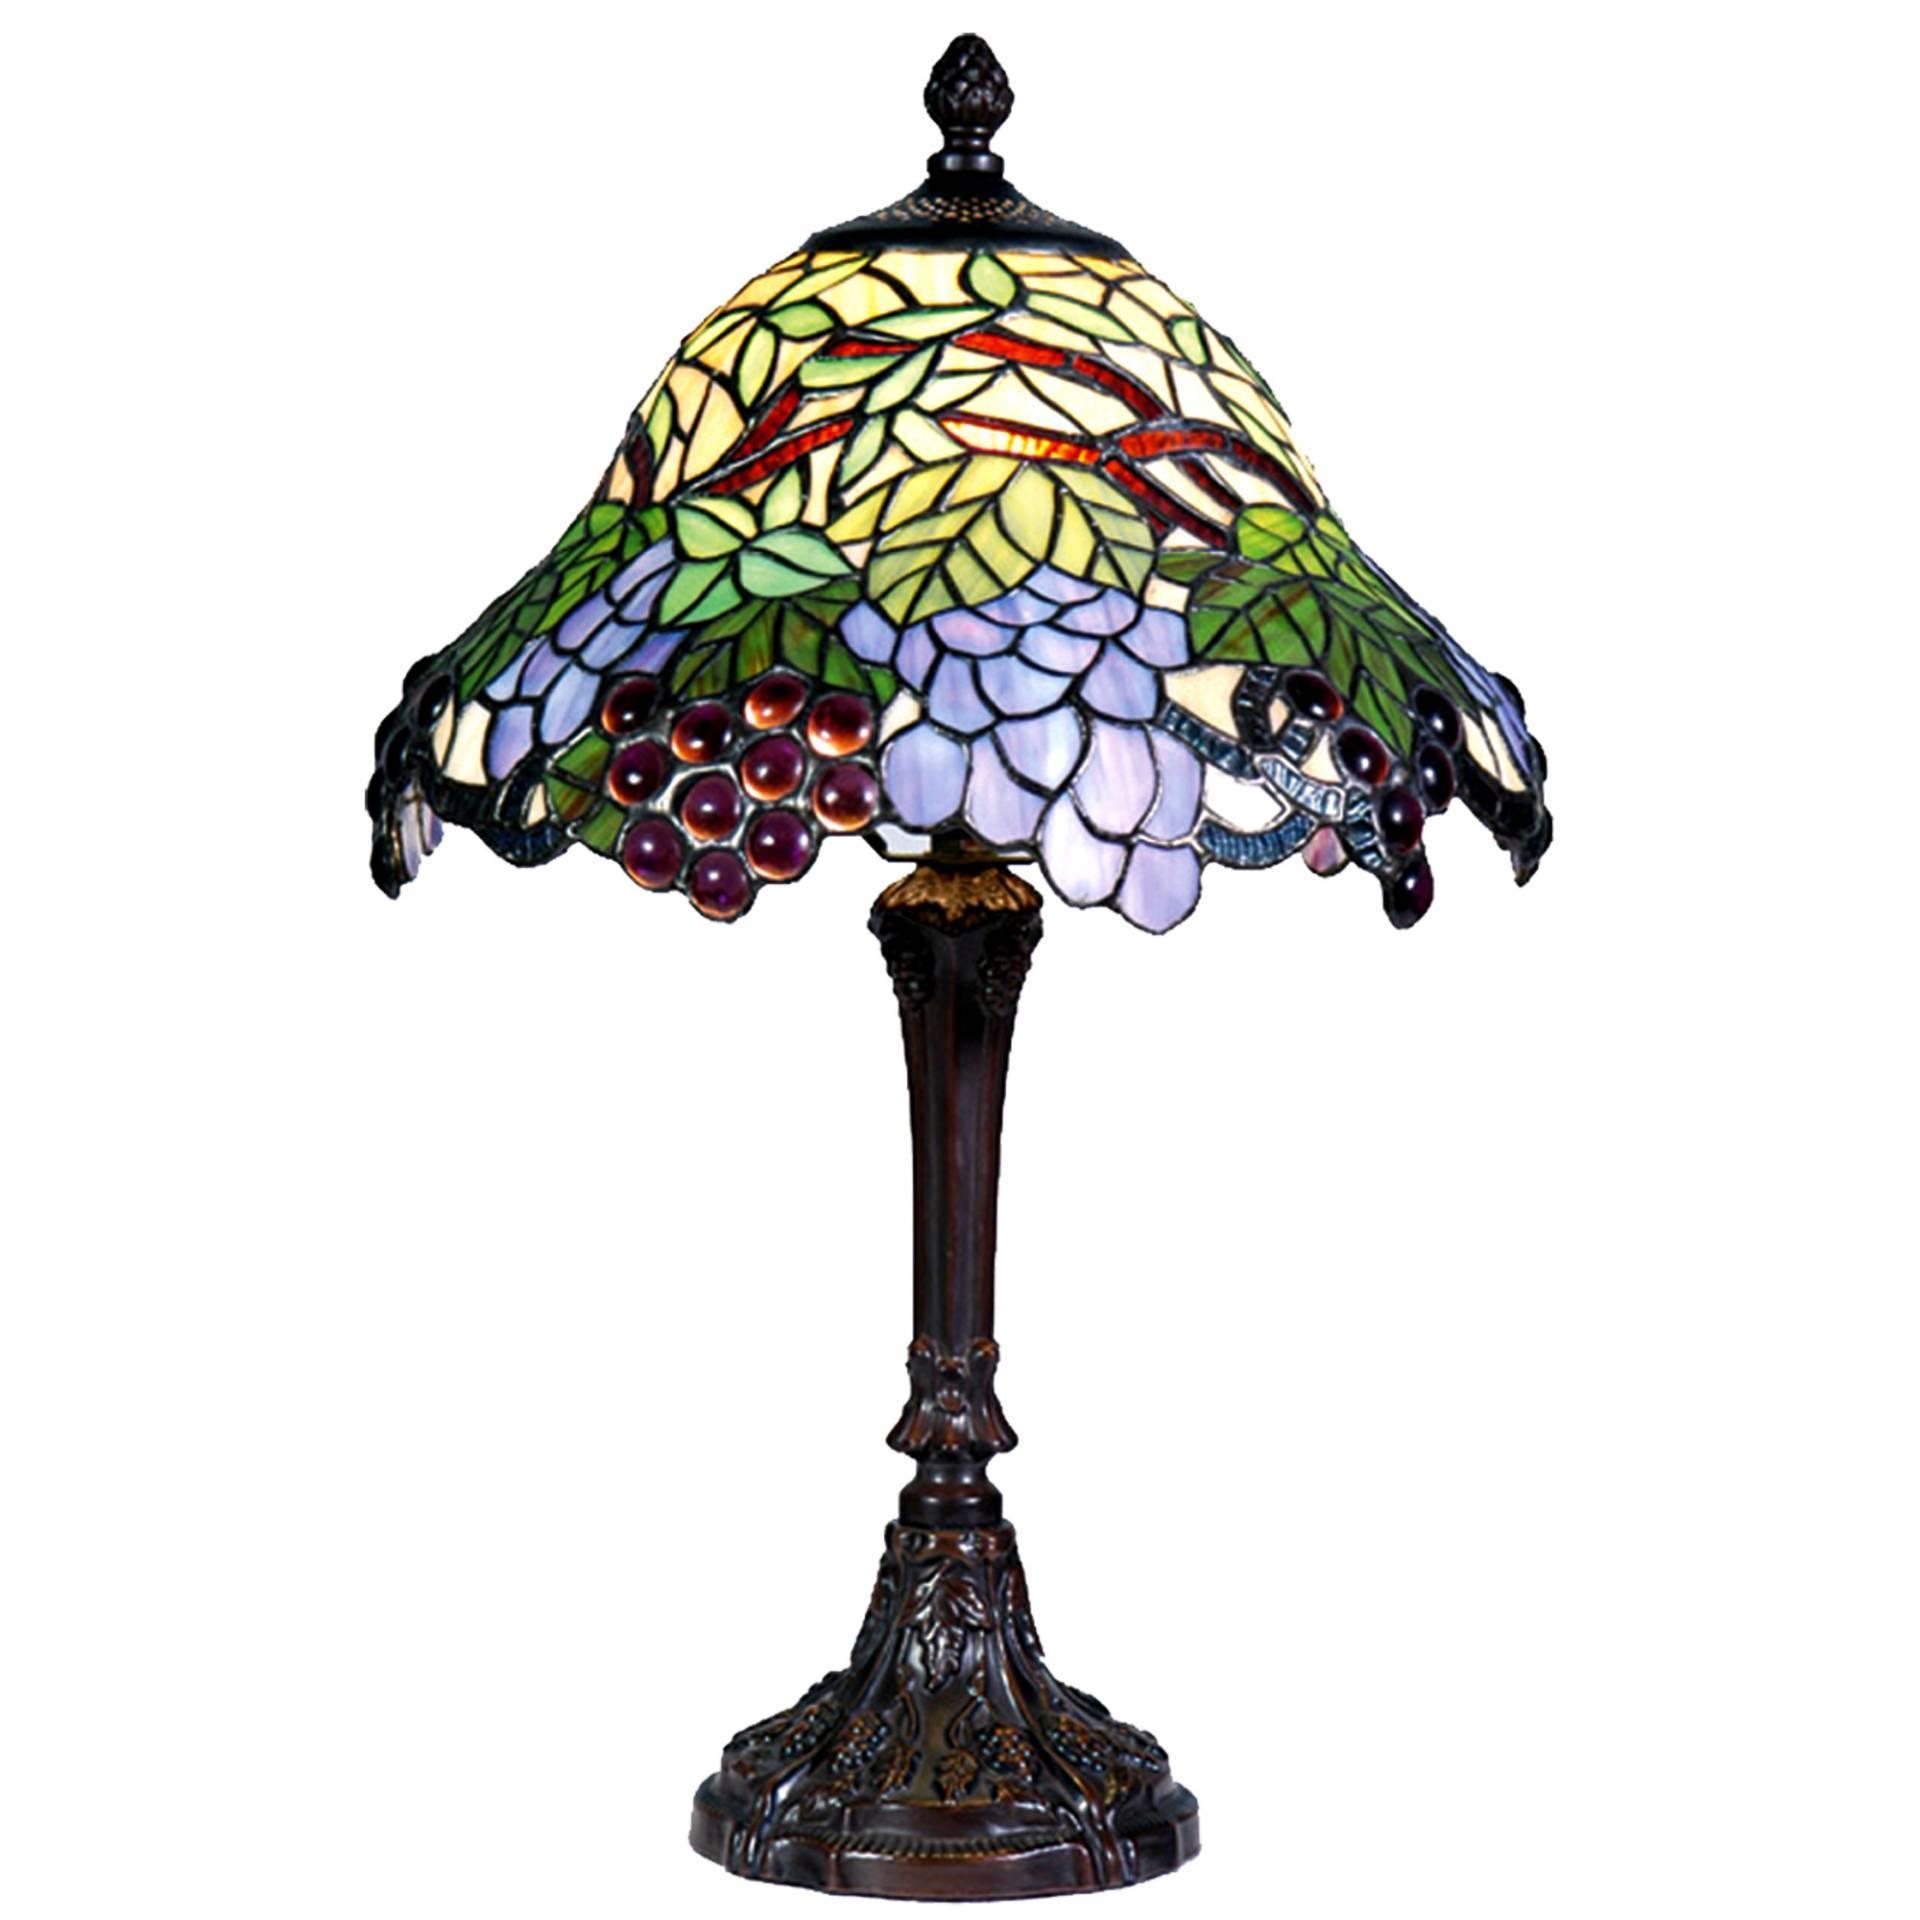 Közepes Tiffany asztali lámpák